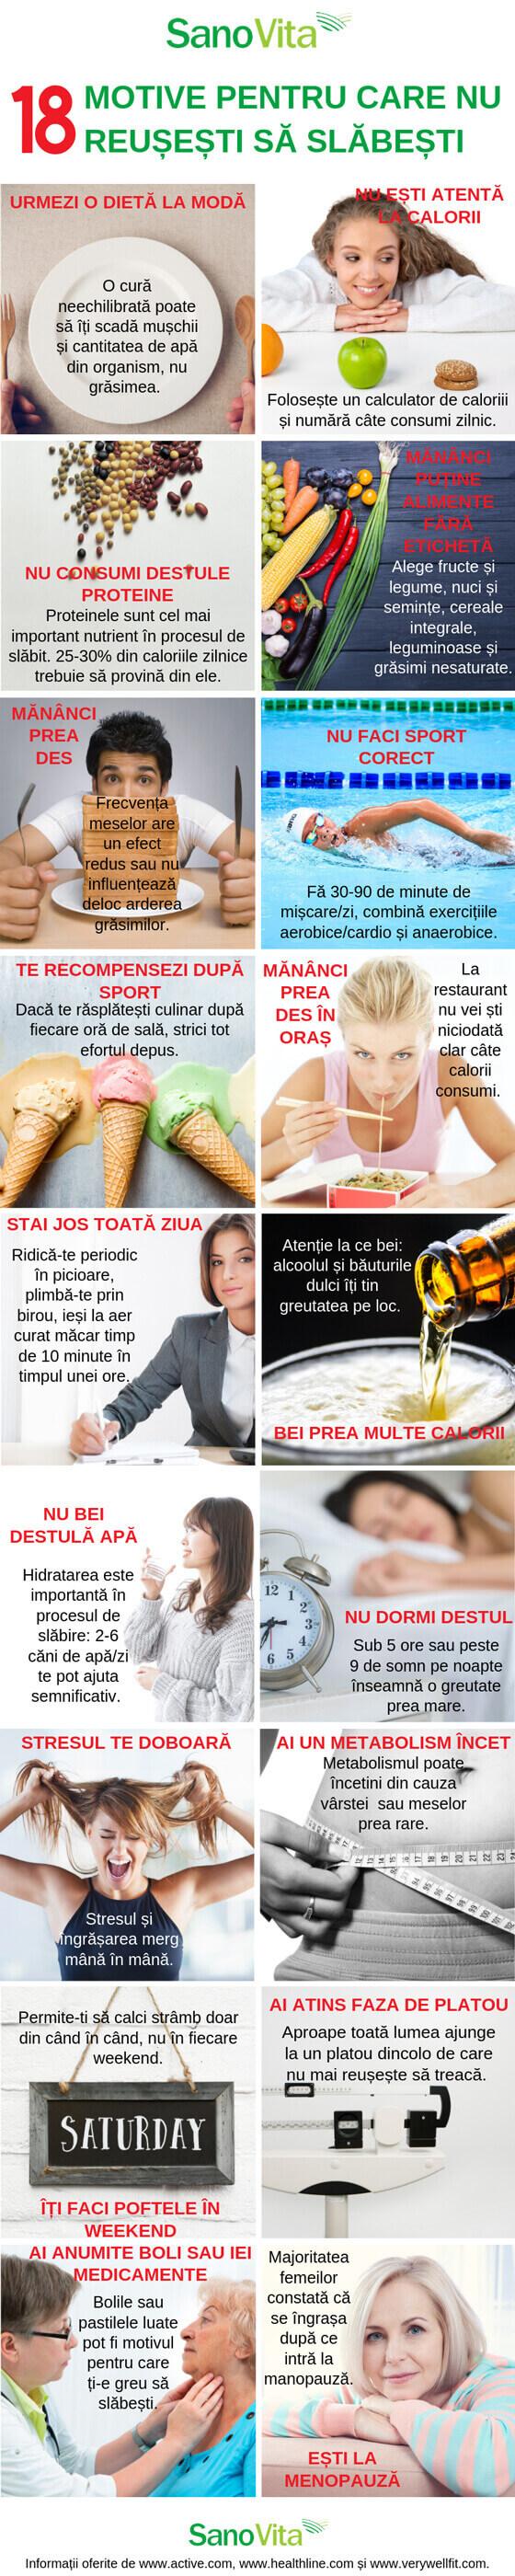 cauzele incapabili de a pierde in greutate